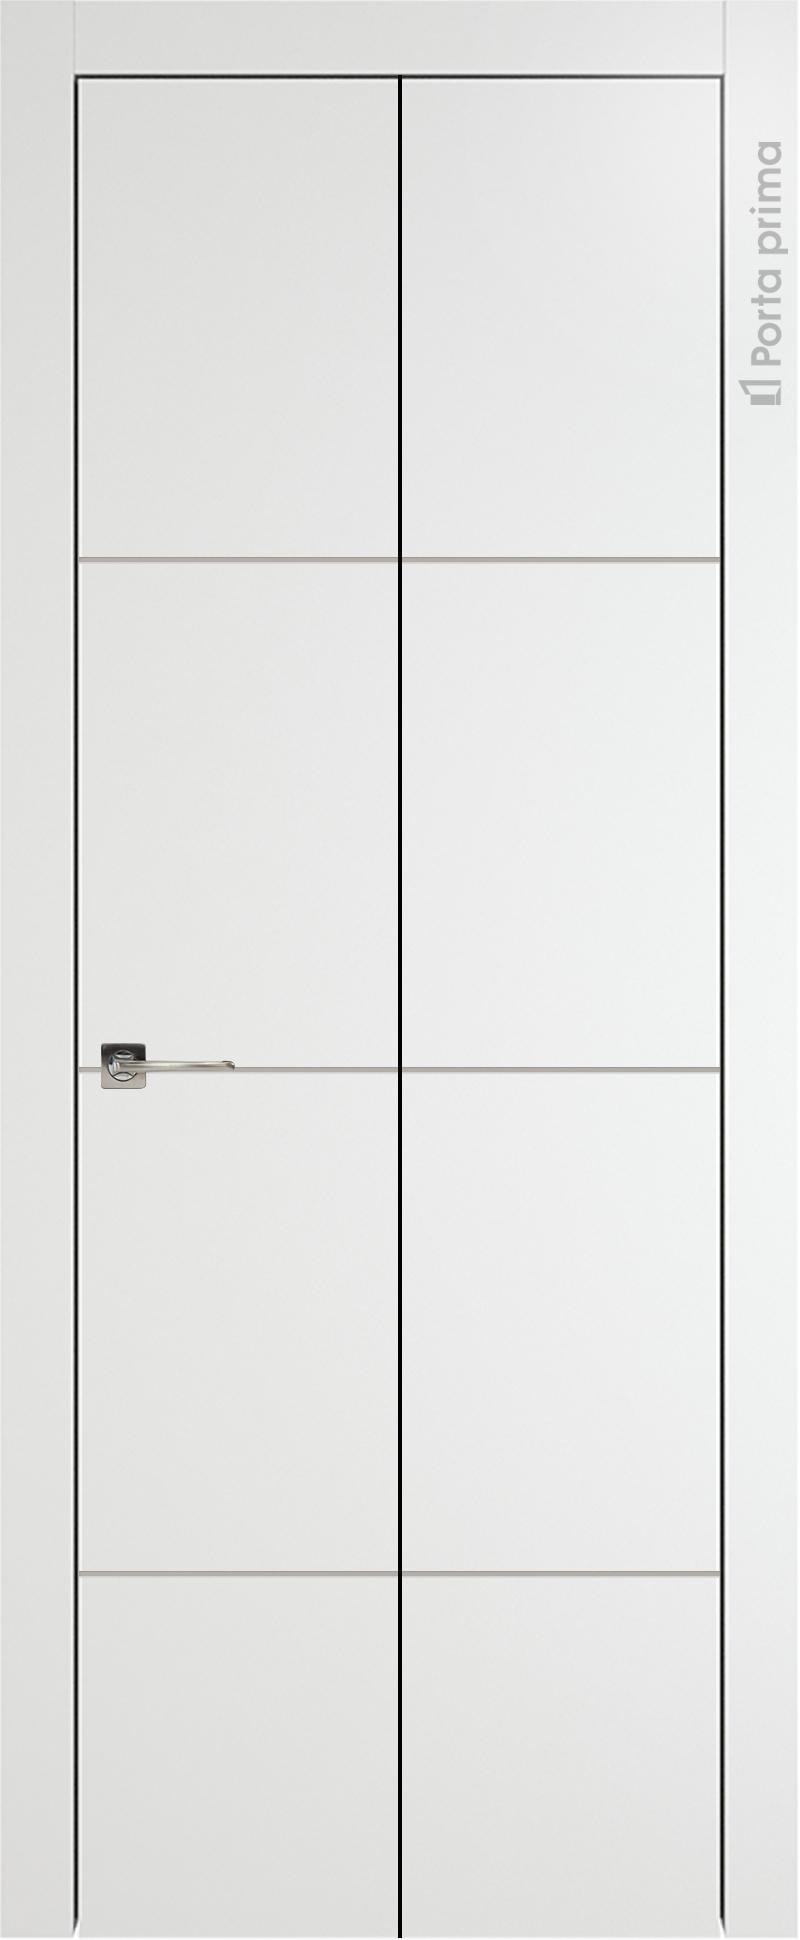 Tivoli Г-2 Книжка цвет - Белая эмаль Без стекла (ДГ)